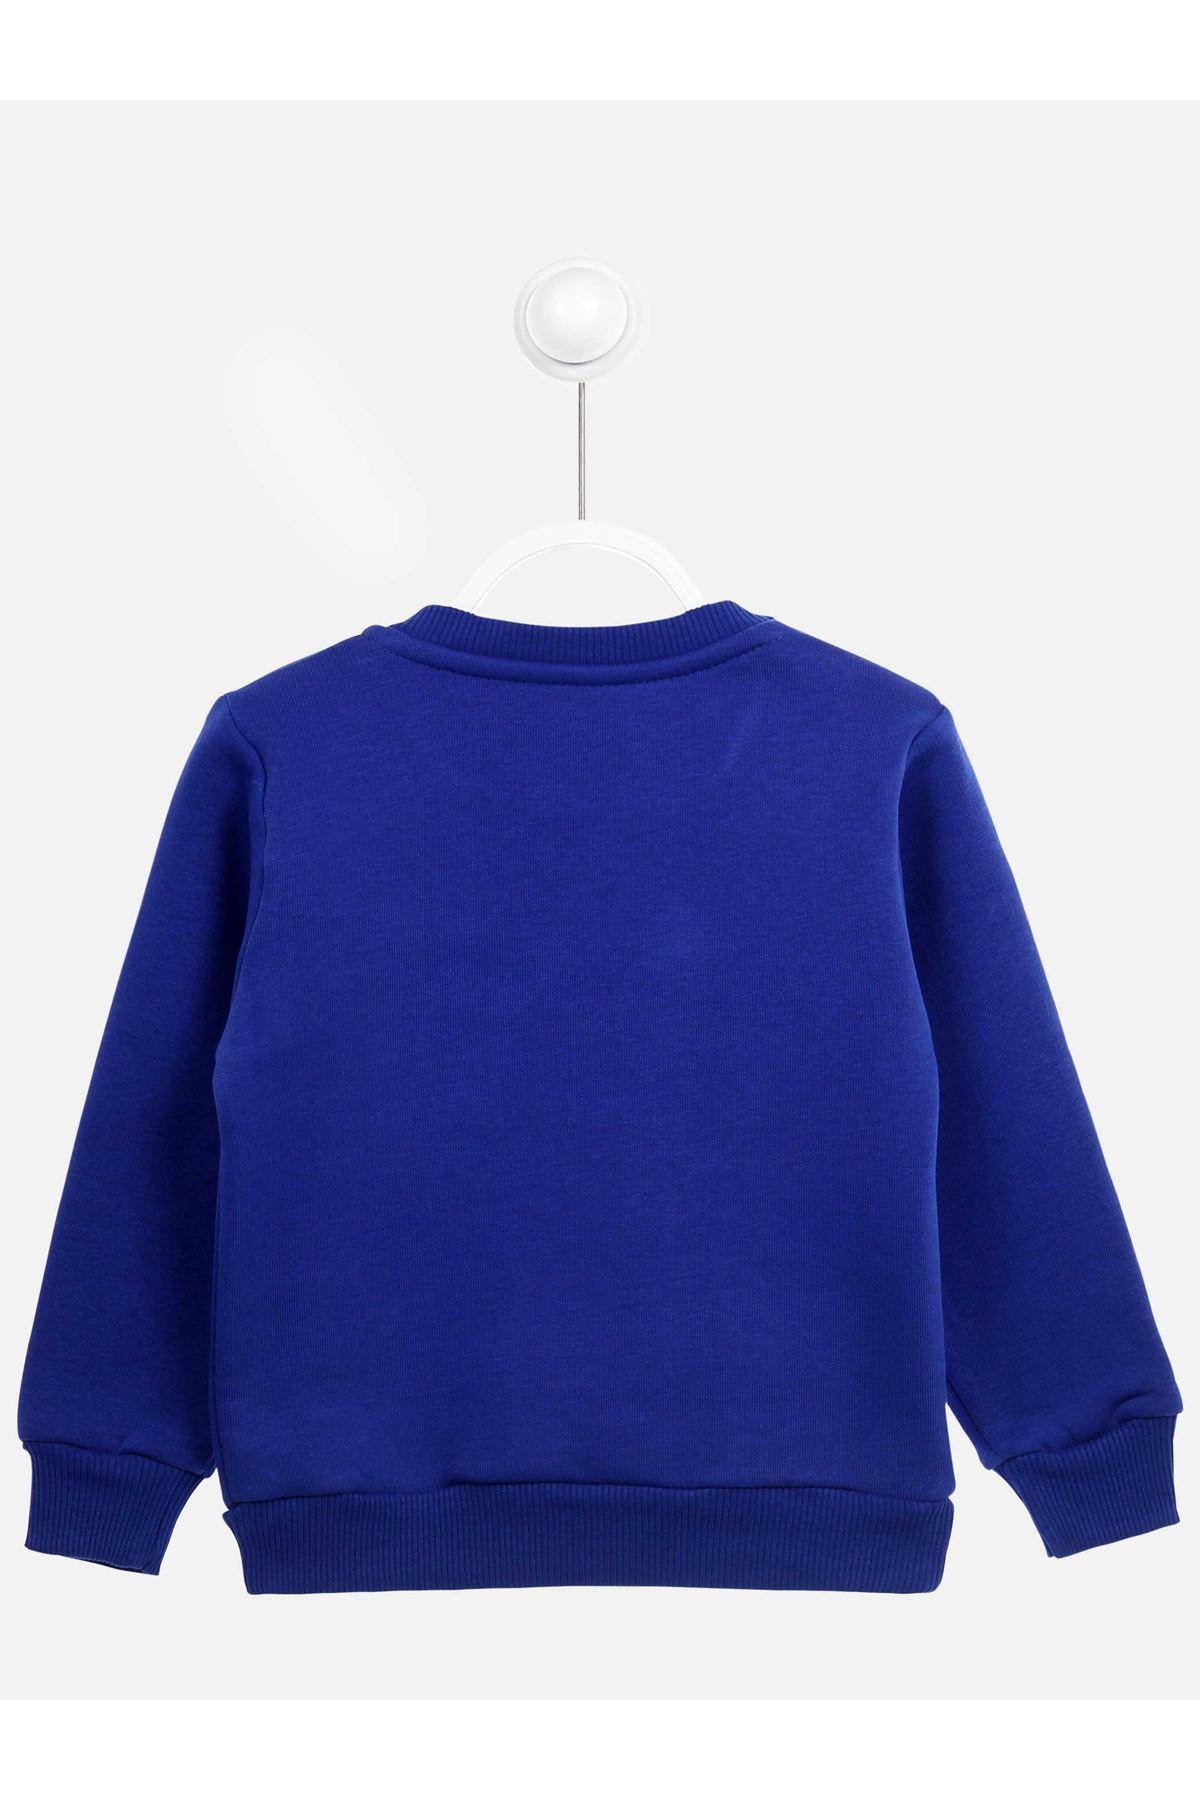 Sax Mavi  Kışlık Kız Çocuk Sweatshirt